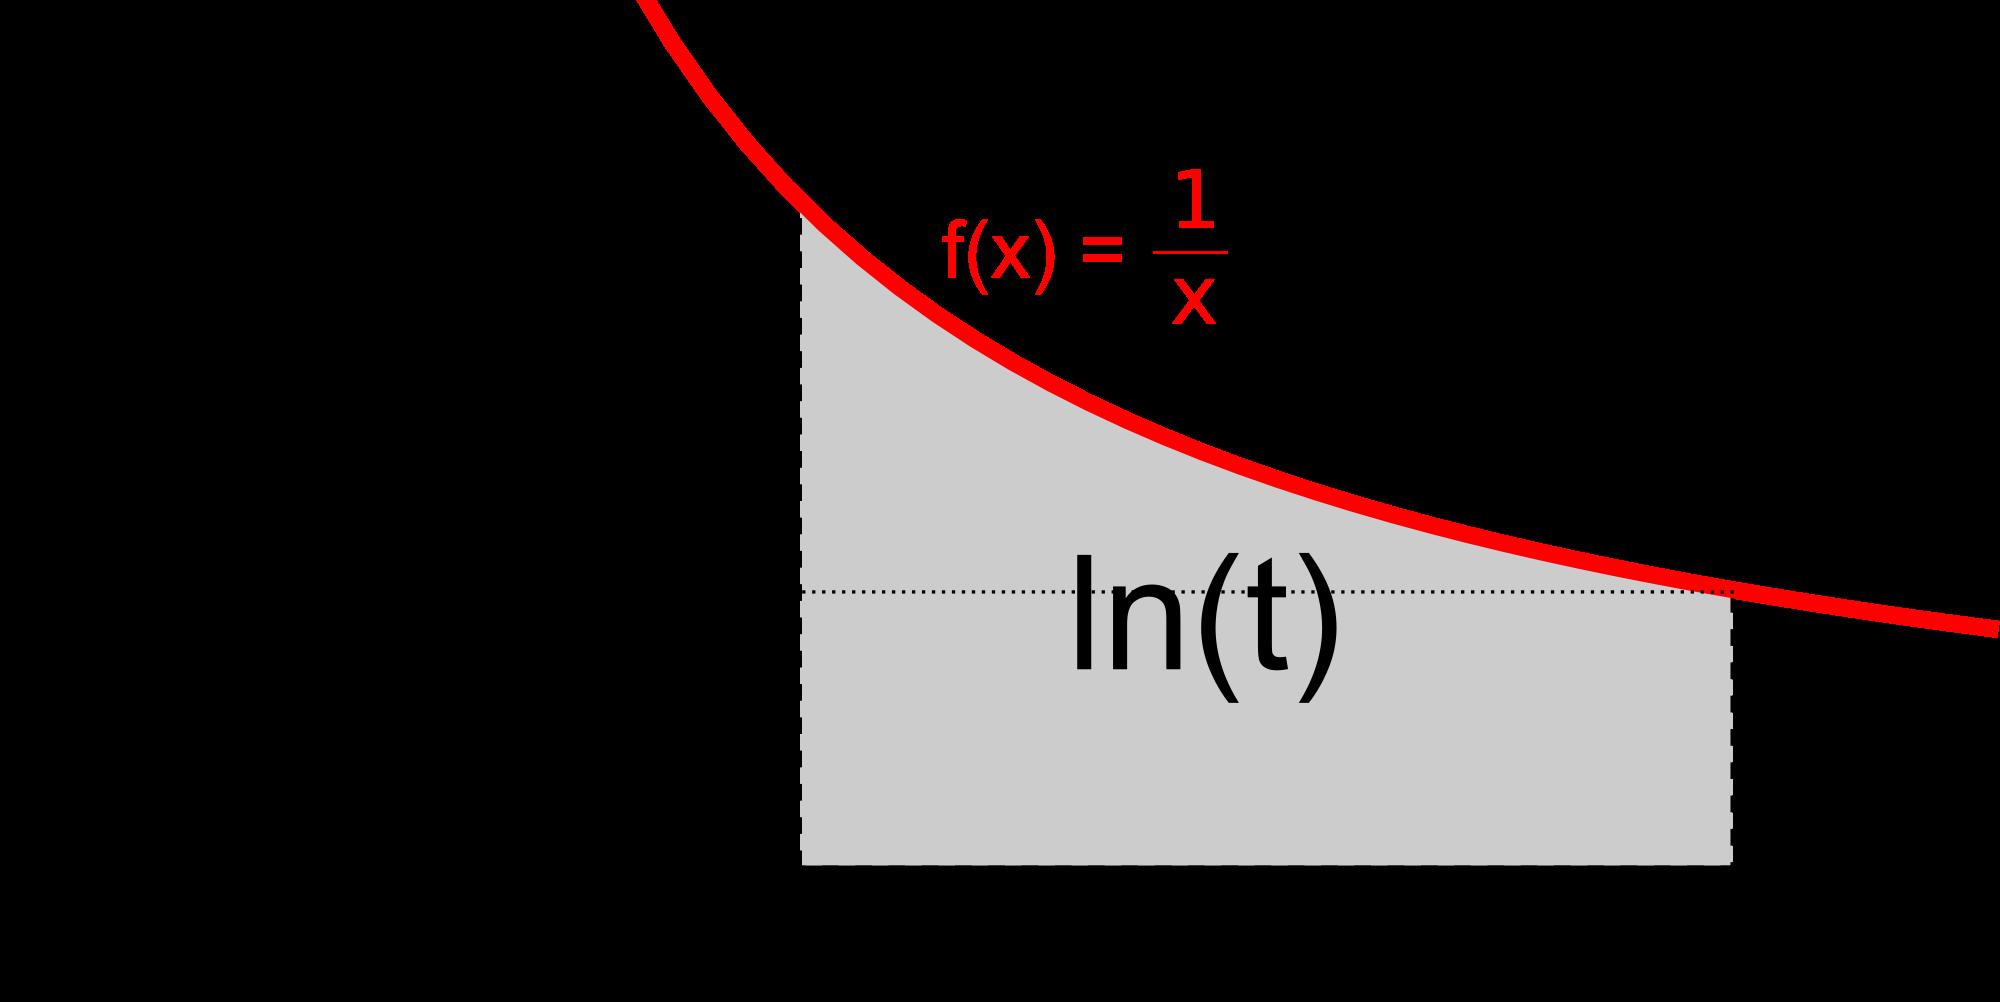 Chi ha scoperto il legame tra iperbole e logaritmi?